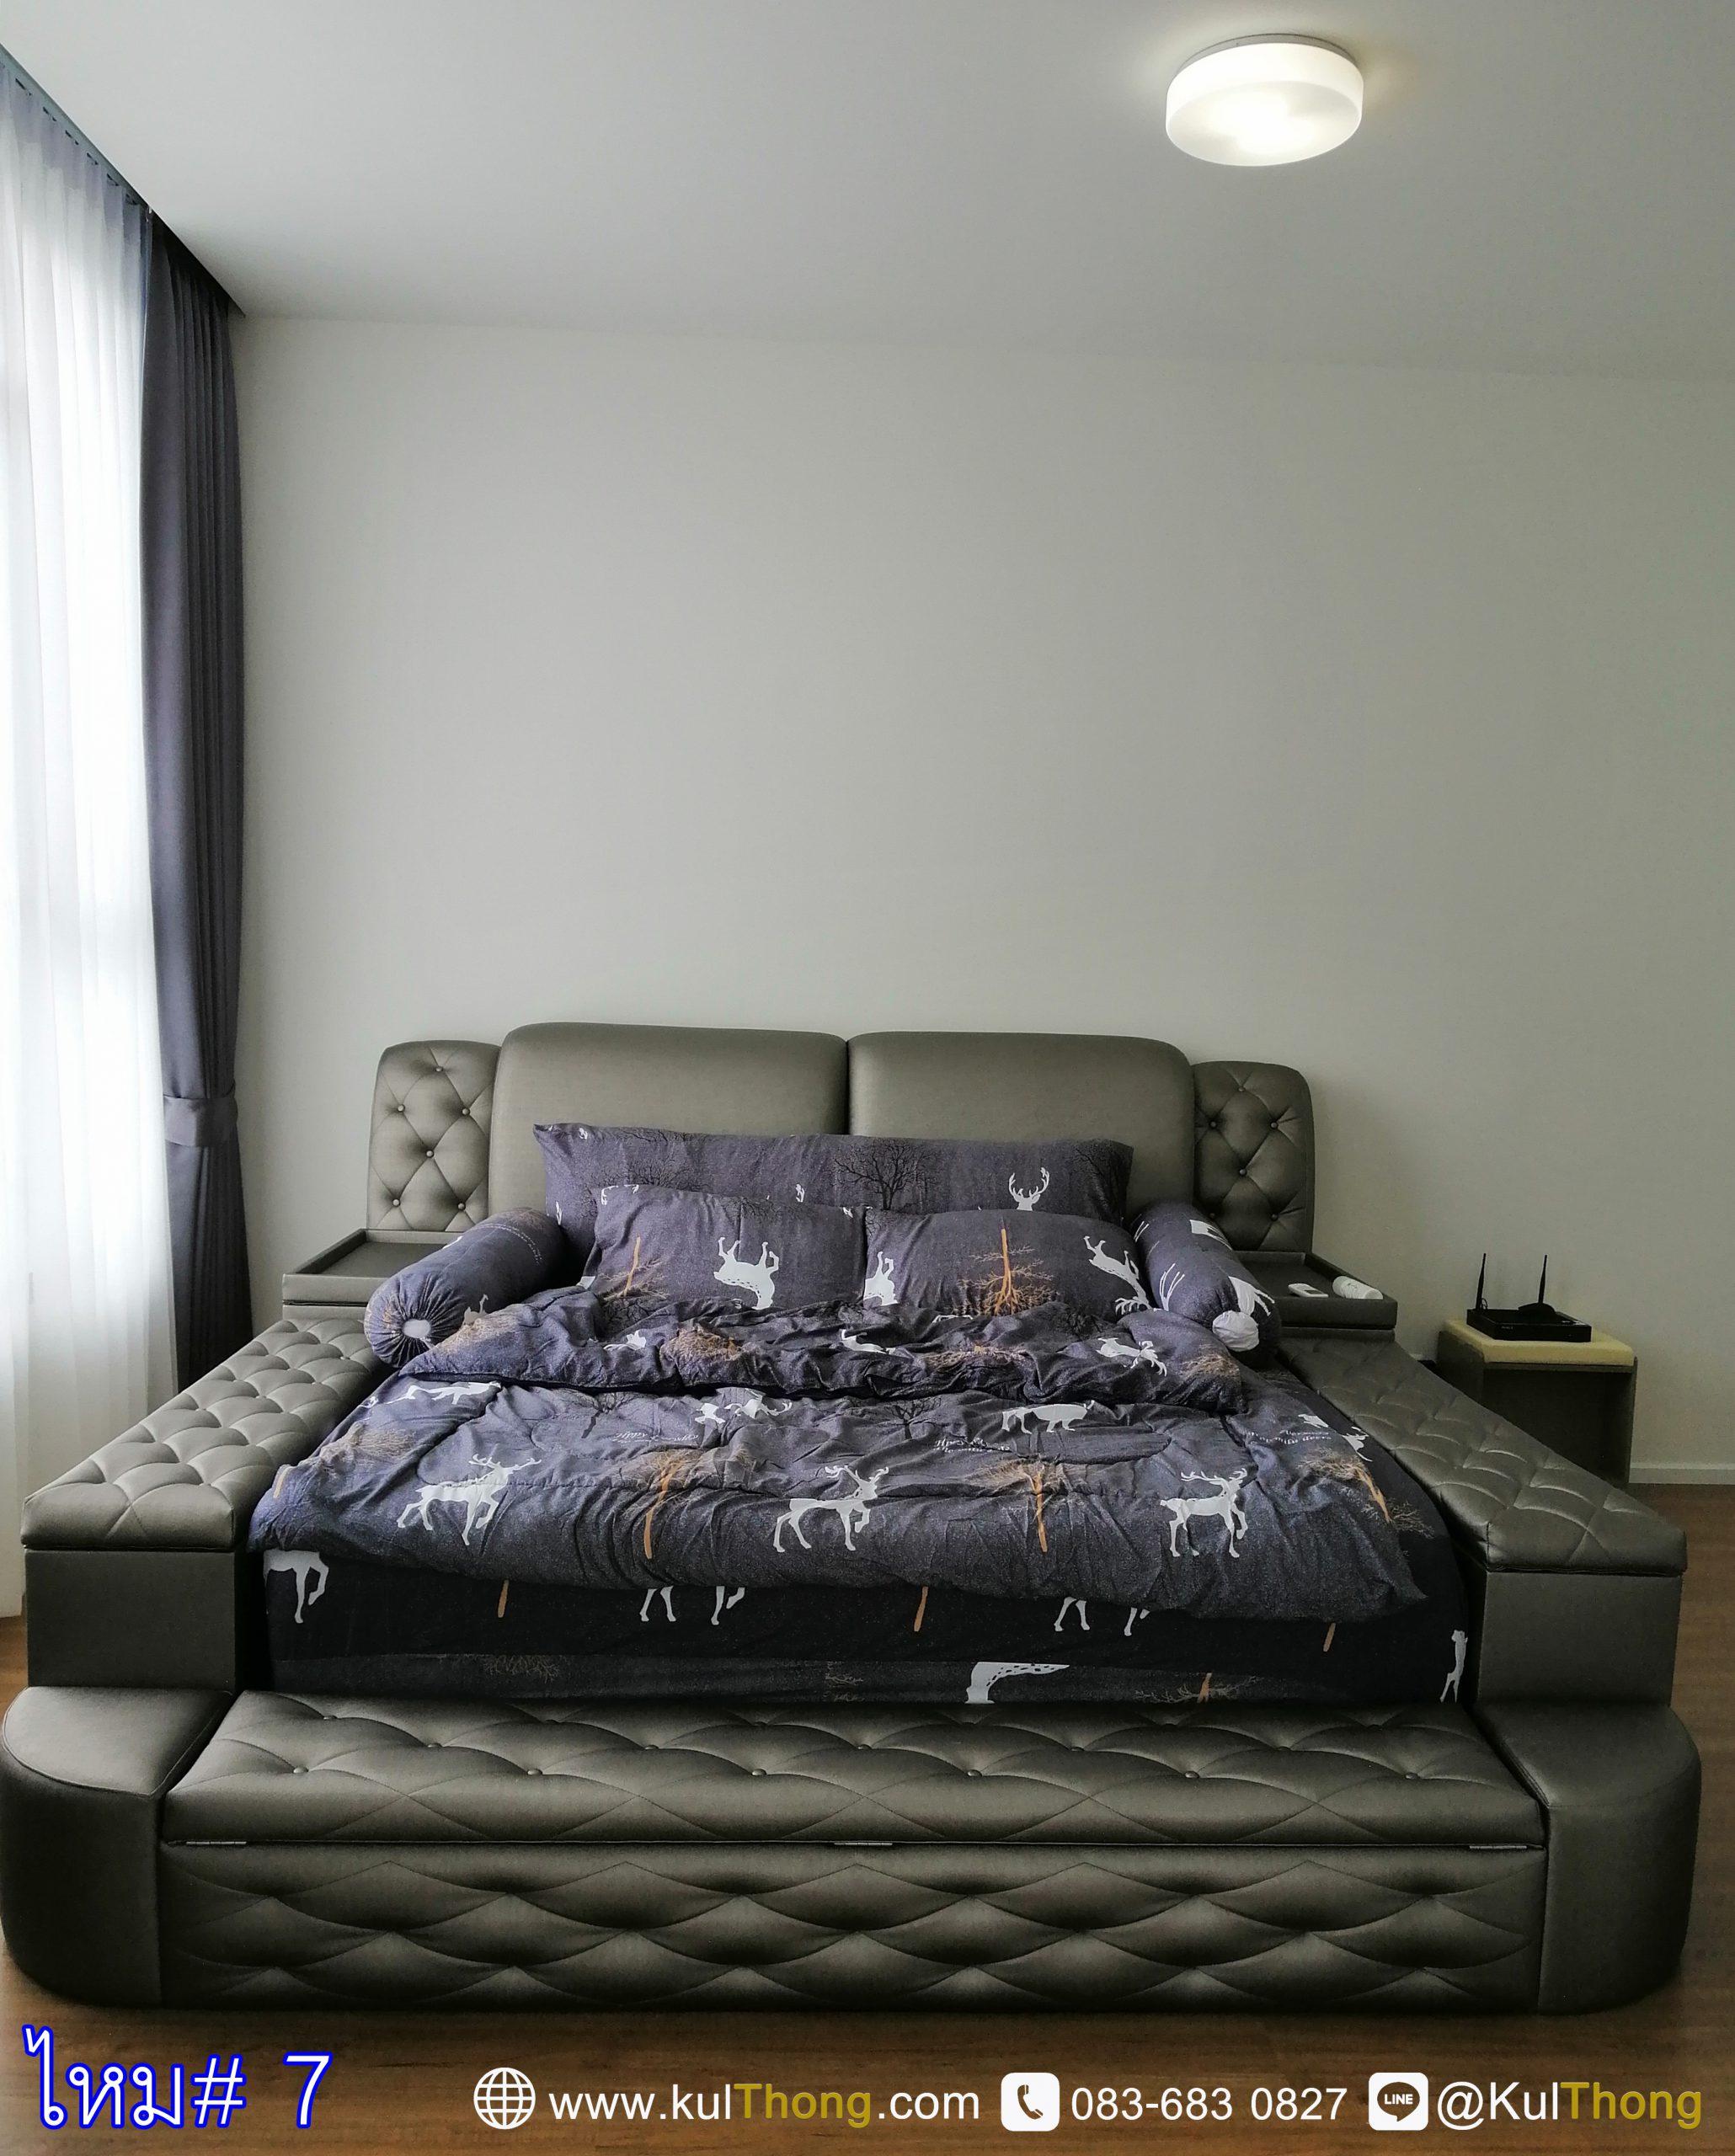 เตียงกล่องเก็บของ เตียงมีกล่อง เตียงมีฝาเปิด